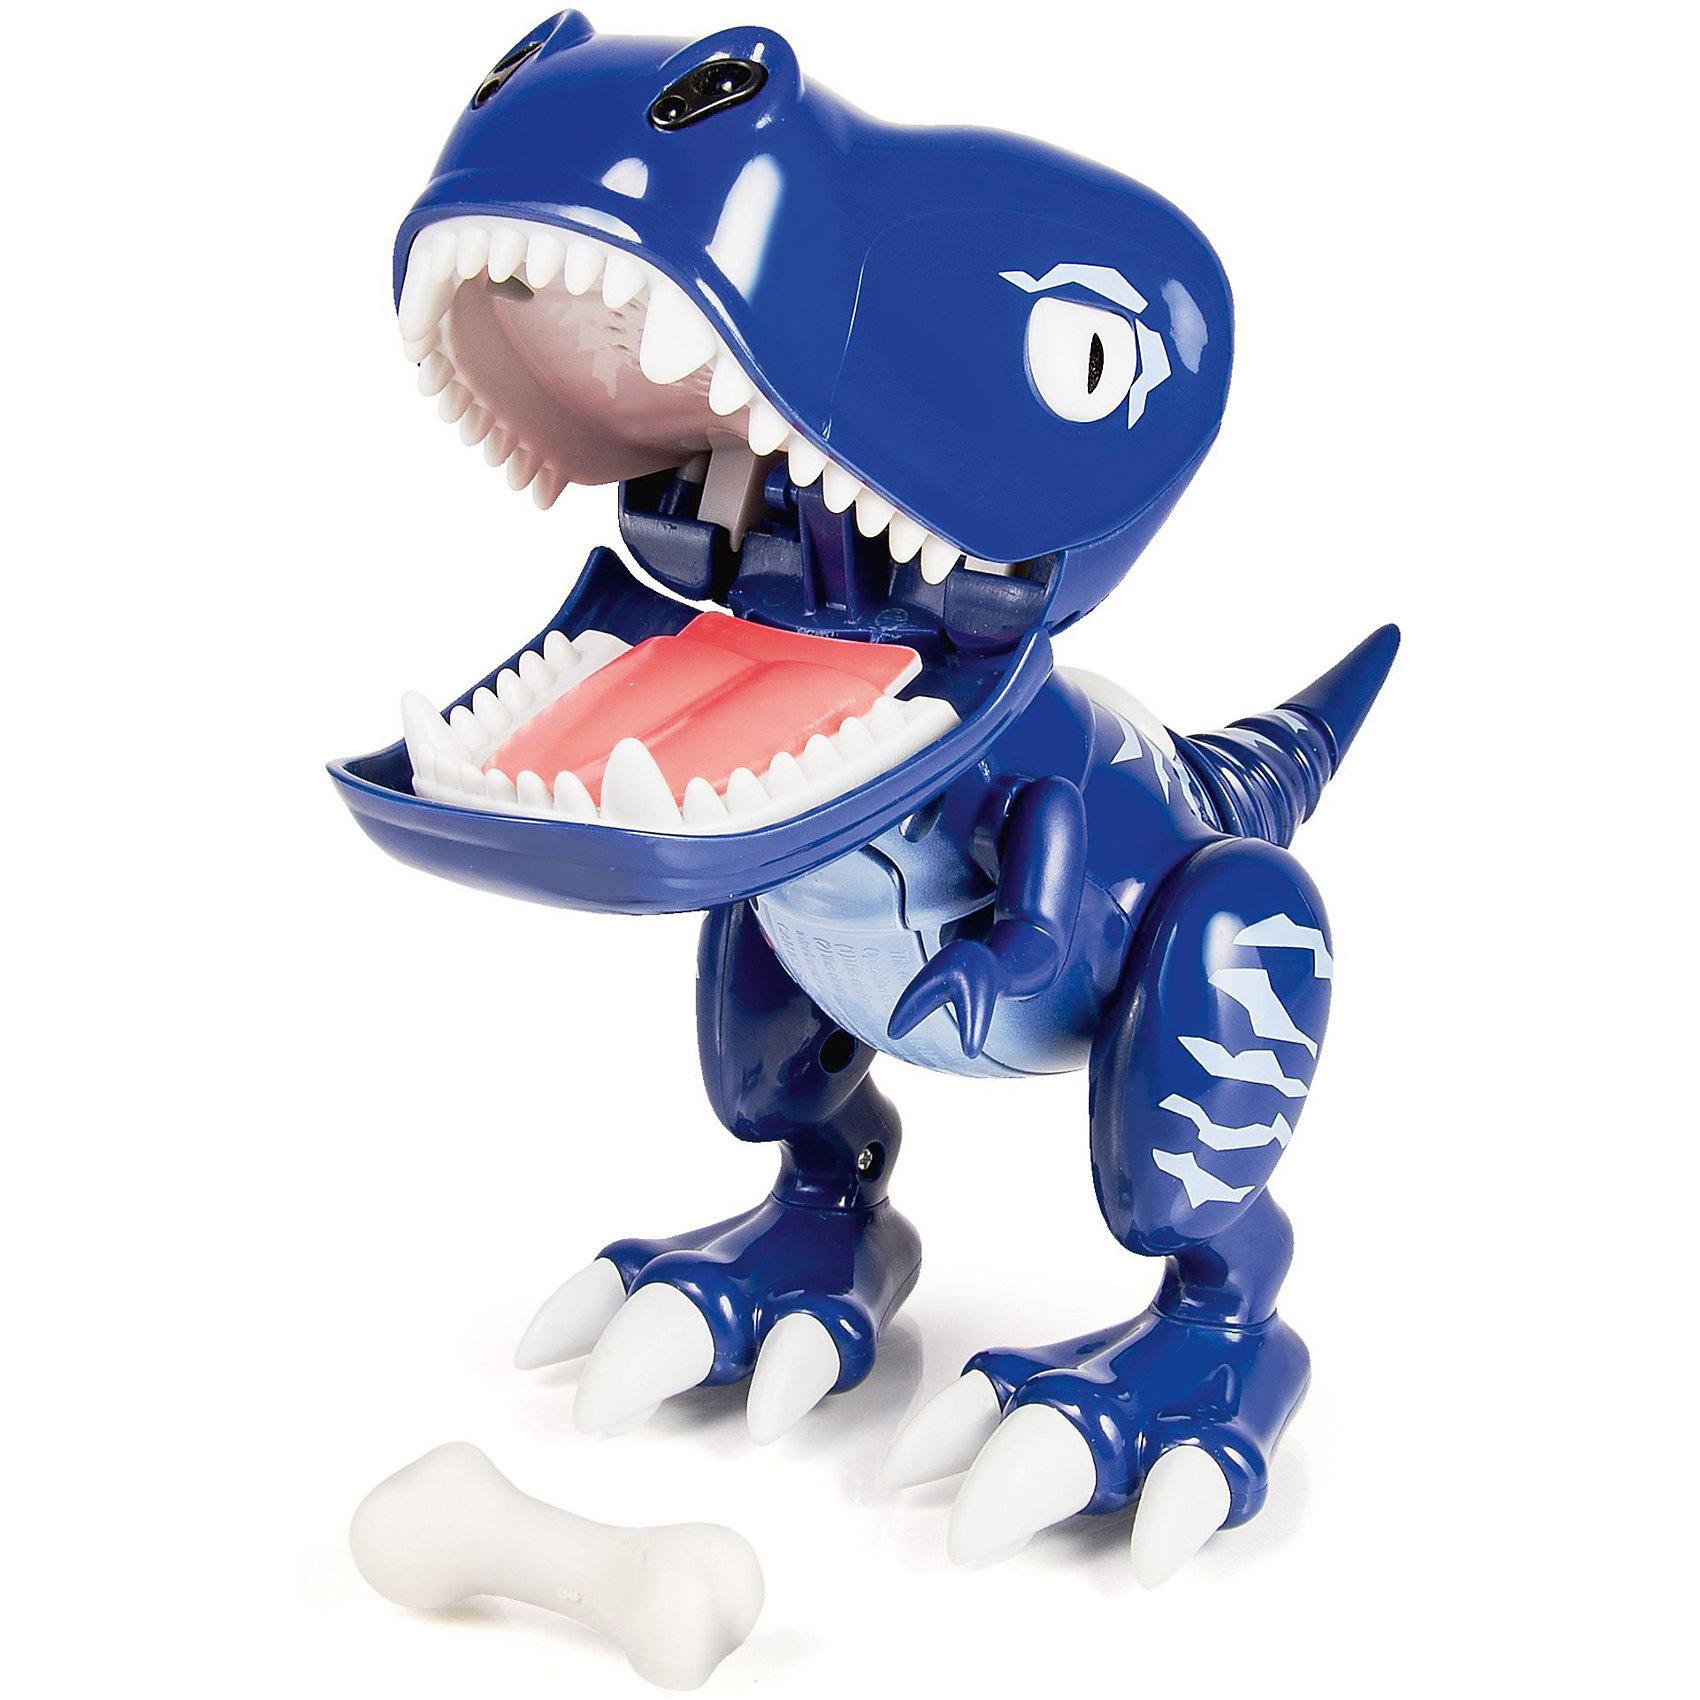 Интерактивный детёныш динозавра Tiger Tail, Dino Zoomer, Spin MasterДинозавры и драконы<br>Настоящий детеныш динозавра у вас дома! Дети придут в восторг от такой замечательной игрушки! Глаза динозавра меняют цвет в зависимости от настроения и режима игры. Малыш выглядит и ведет себя как настоящий динозавр, он чавкает, рычит, сопит, смеётся.  Потяни его за хвост, и он разозлится. Поиграй с Дино - в комплекте  идёт специальный аксессуар. Бросай его в рот Дино. Если попадешь, он закроет рот, если промахнешься, Дино будет над тобой смеяться. Не дай ему откусить твой палец – игра на скорость реакции: успей вынуть палец изо рта Дино, пока он тебя не укусил. Дино еще маленький и не научился ходить: передвигай его рукой сам. Но зато малыш - динозавр уже умеет защищать себя и своего хозяина: он будет рычать, если что-то будет приближаться близко к нему.  <br><br>Дополнительная информация:<br><br>- Материал: пластик. <br>- Элемент питания: 3 ААА батарейки (не входят в комплект)<br>- Световые и звуковые эффекты.<br>- Встроенный ИК датчик.<br>- Цвет глаз изменяется.<br>- Косточка в комплекте.<br><br>Интерактивного детёныша динозавра Dino Zoomer, Spin Master (Спин Мастер), можно купить в нашем магазине.<br><br>Ширина мм: 139<br>Глубина мм: 182<br>Высота мм: 261<br>Вес г: 489<br>Возраст от месяцев: 36<br>Возраст до месяцев: 108<br>Пол: Унисекс<br>Возраст: Детский<br>SKU: 4241259